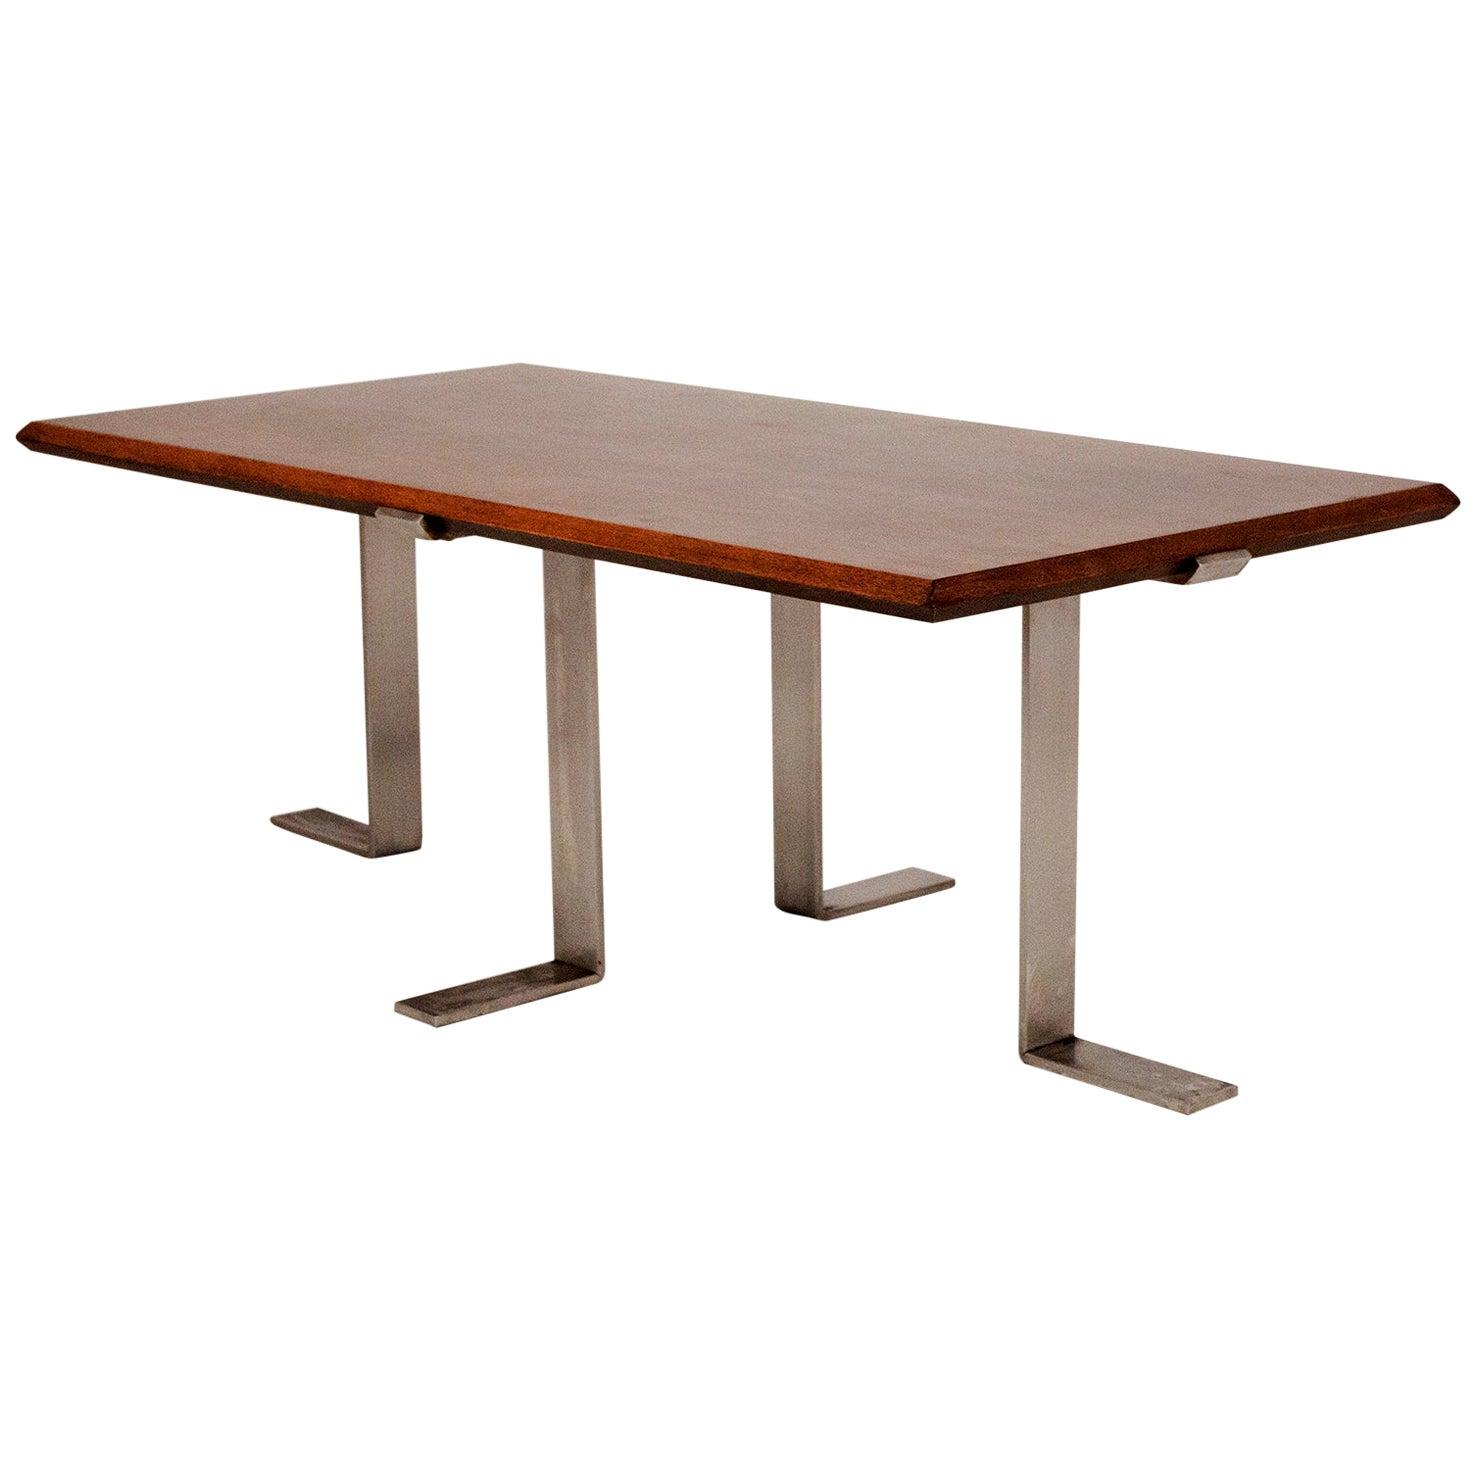 Jordi Vilanova Midcentury, Coffee Table, Walnut and Nickel-Plated Feet